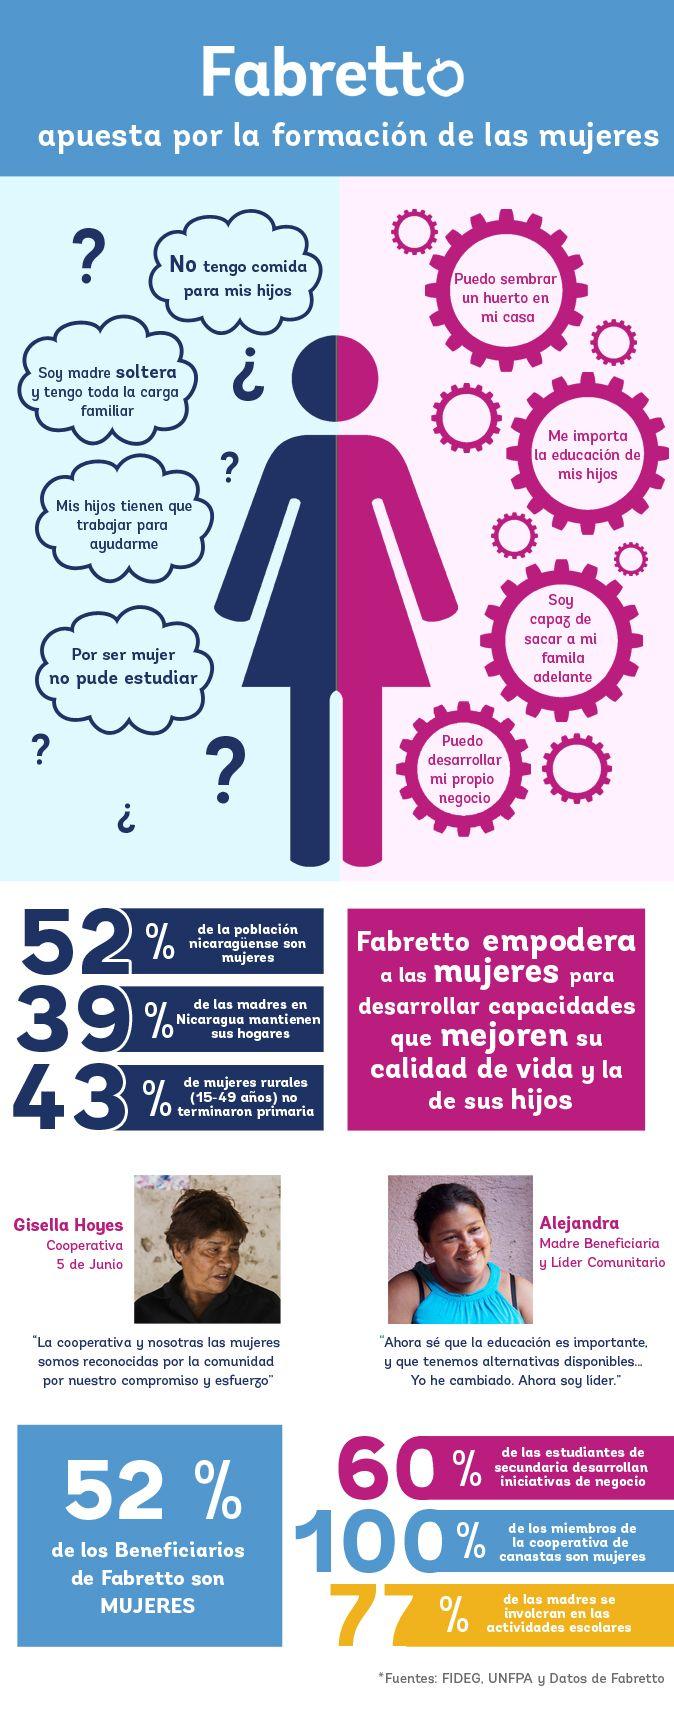 Formación de mujeres - Equidad de género